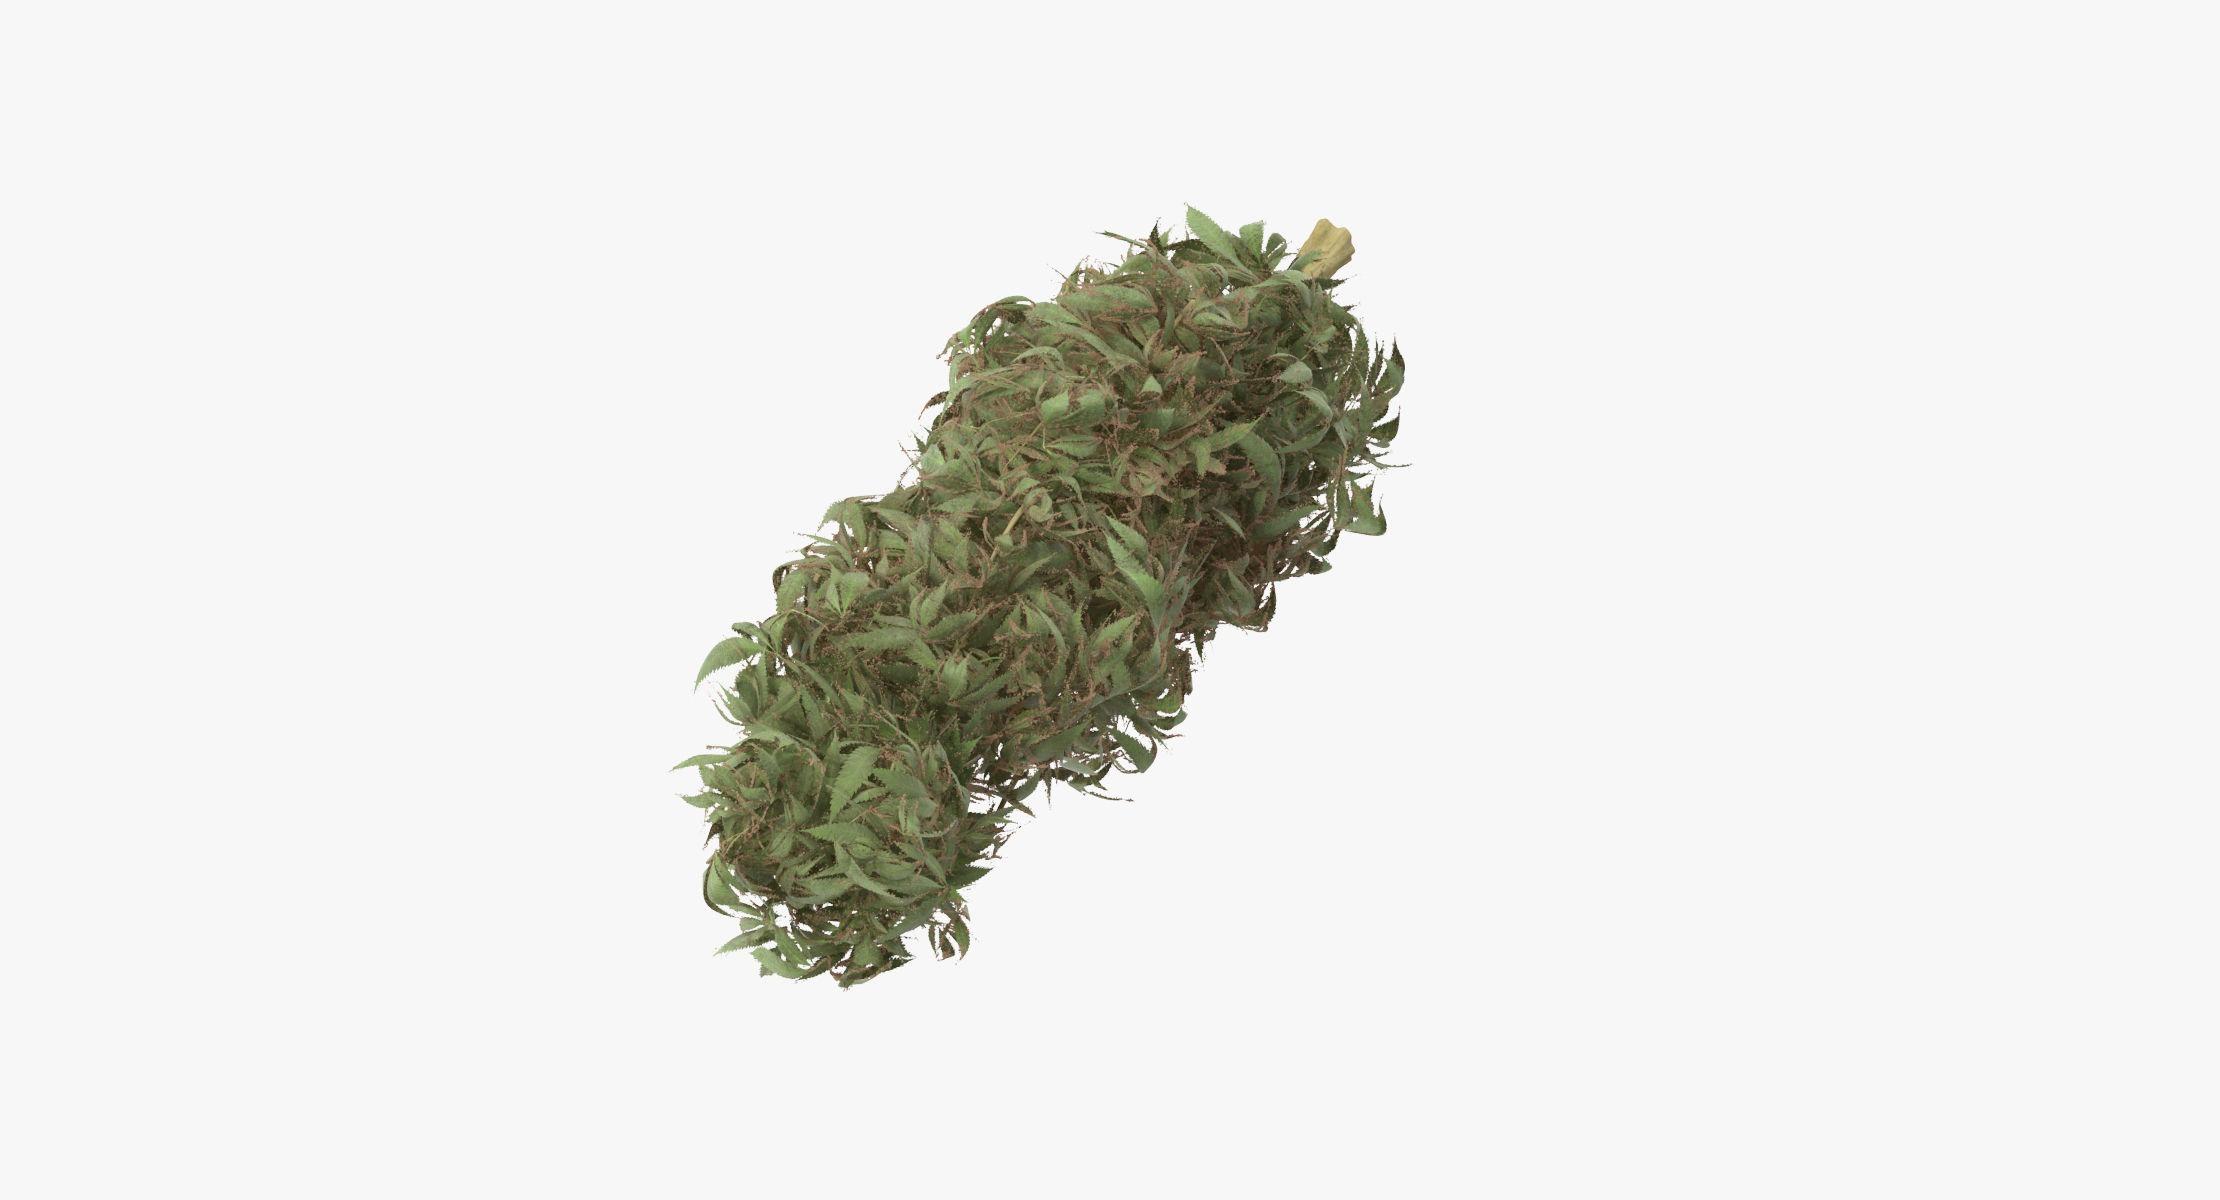 Marijuana Bud 01 03 - reel 1